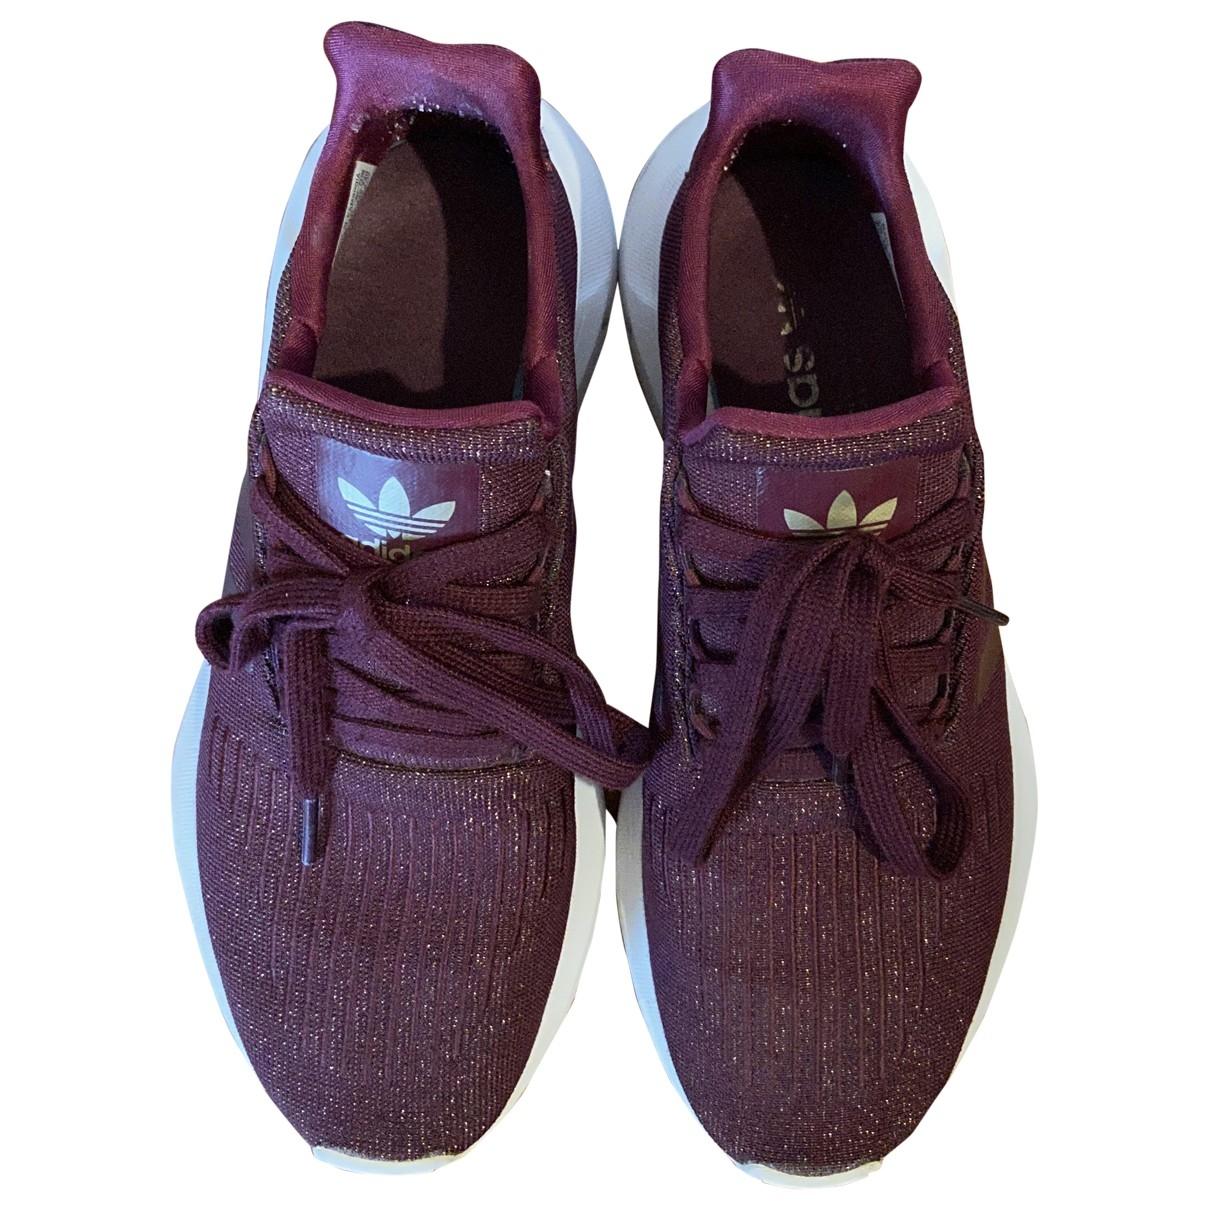 Adidas - Baskets   pour femme en caoutchouc - bordeaux